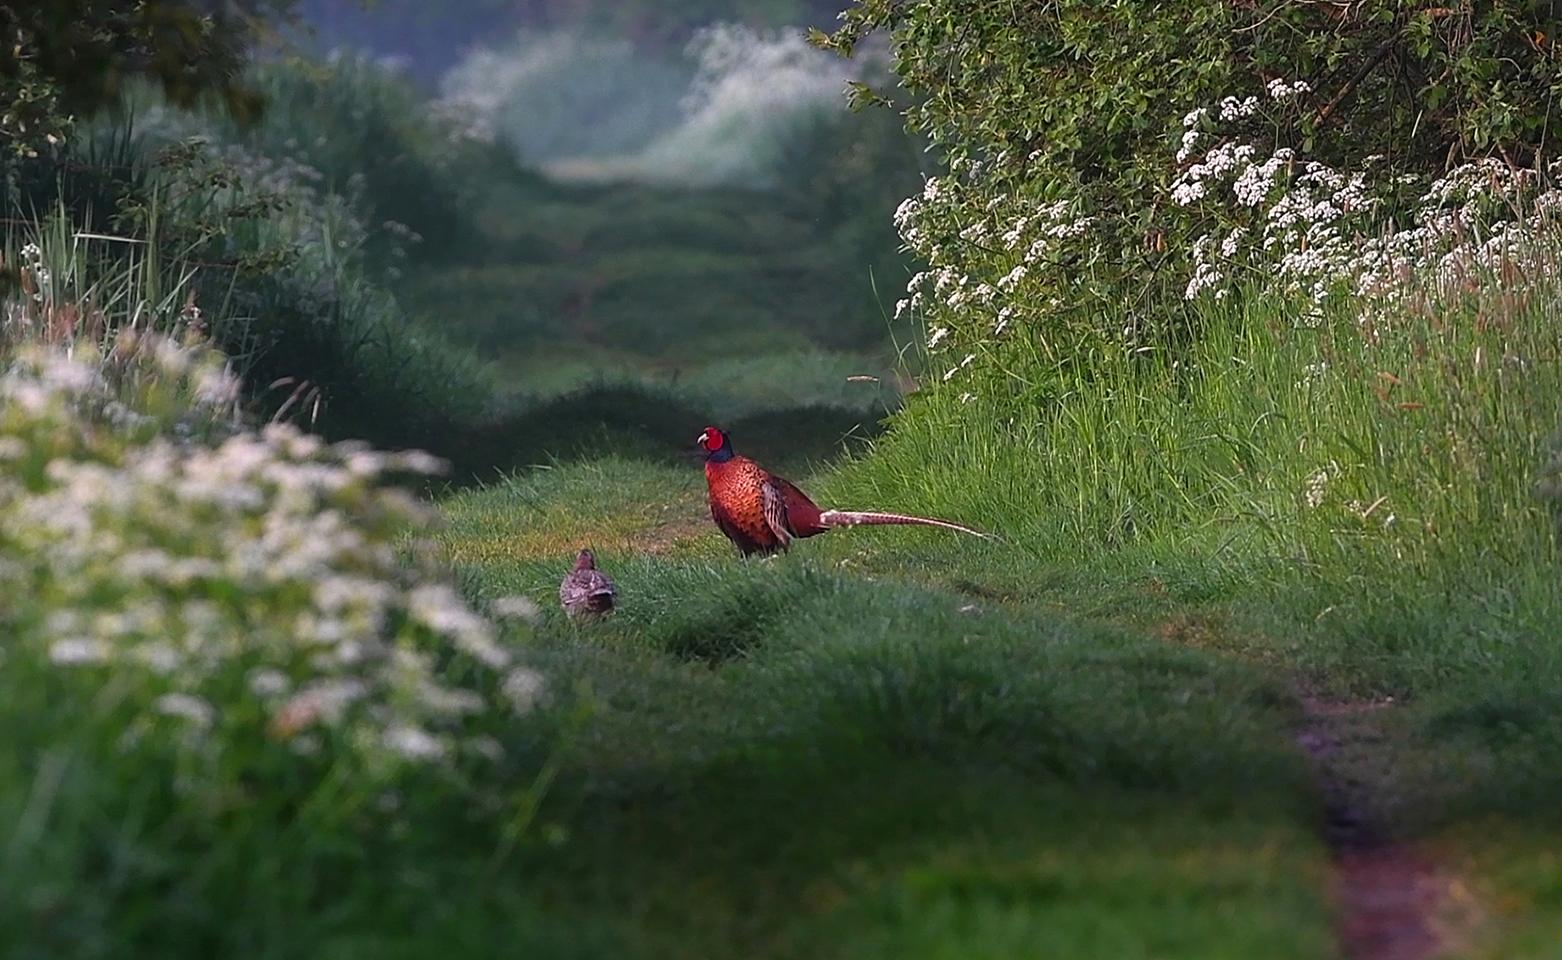 Op het stille bospad liep een fazantenechtpaar - Foto: © Louis Fraanje